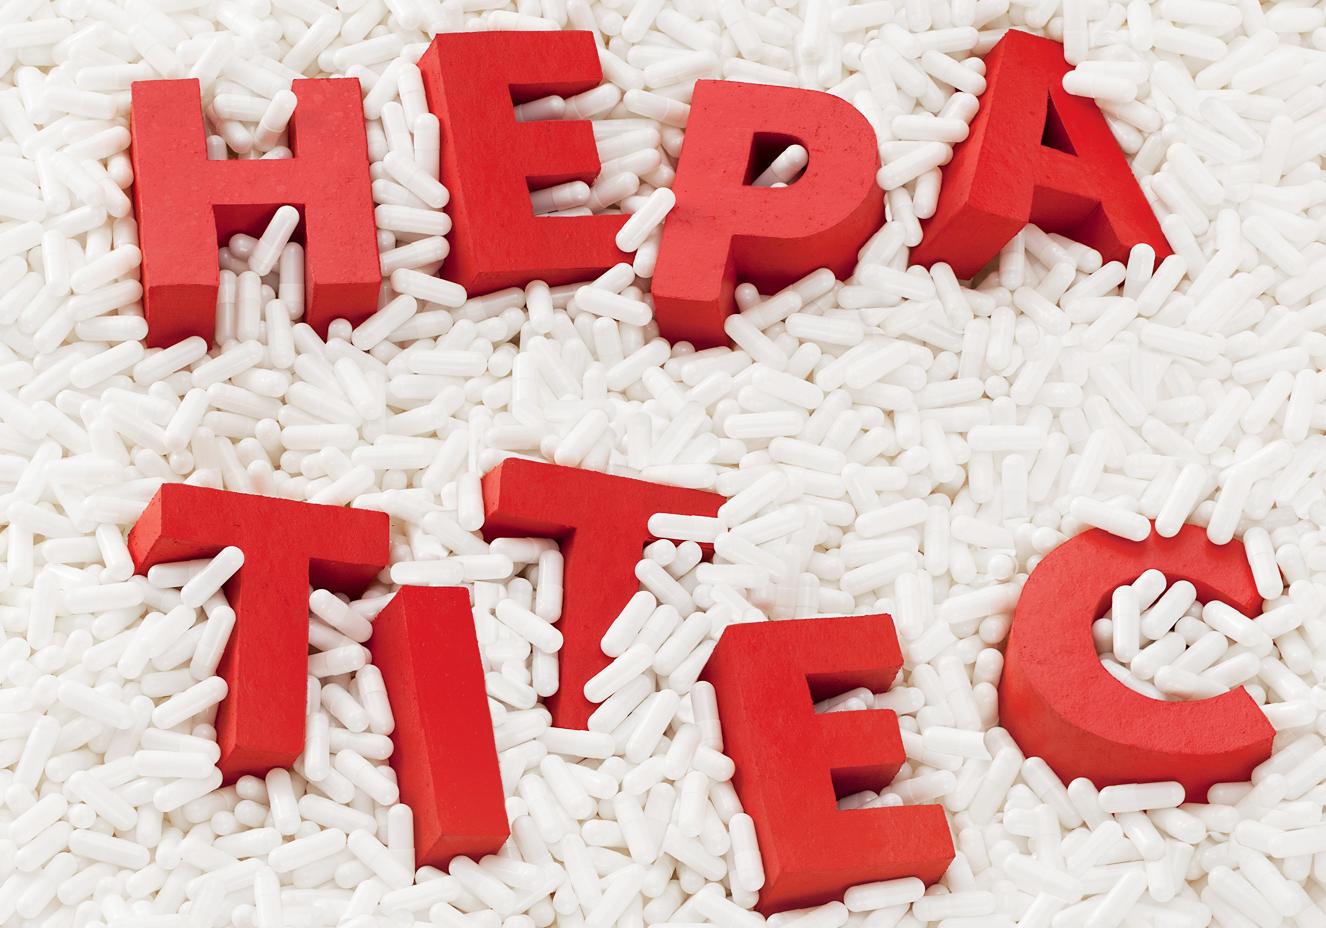 Sob queixas, Ministério anuncia meta de eliminar hepatite C até 2030